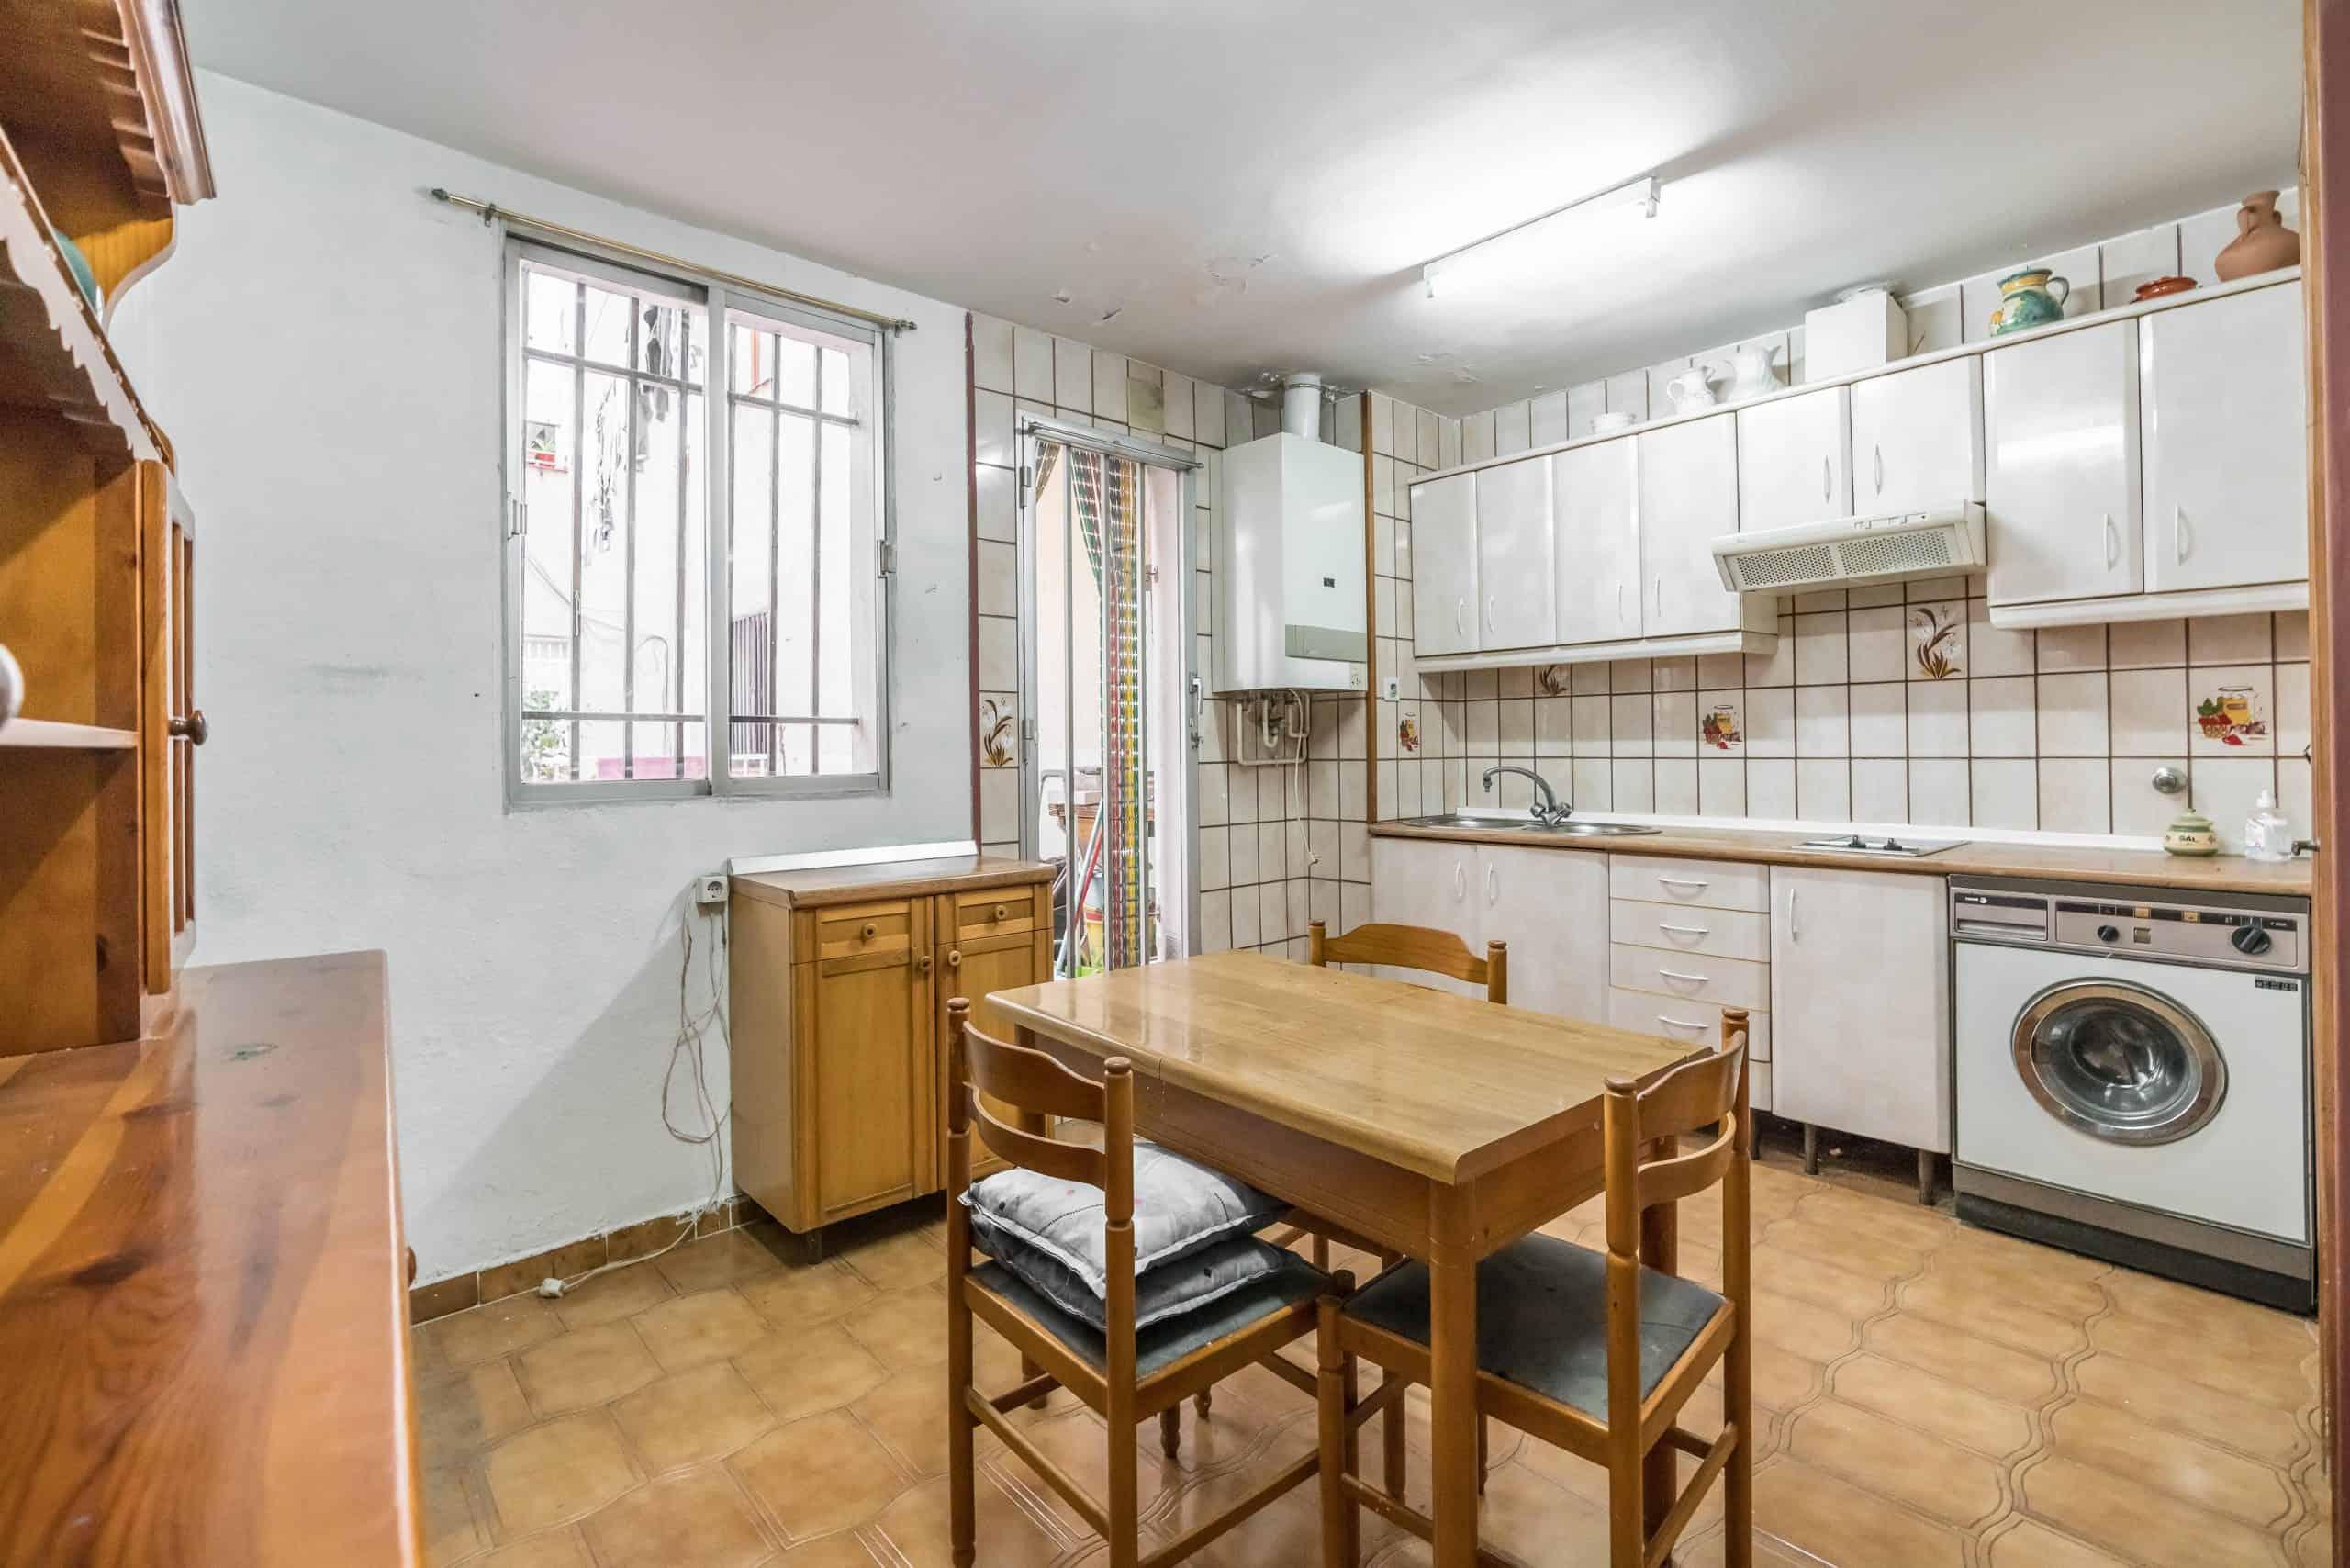 Agencia Inmobiliaria de Madrid-FUTUROCASA-Zona ARGANZUELA-LEGAZPI -calle Jaime Conquistador 27- Cocina 4